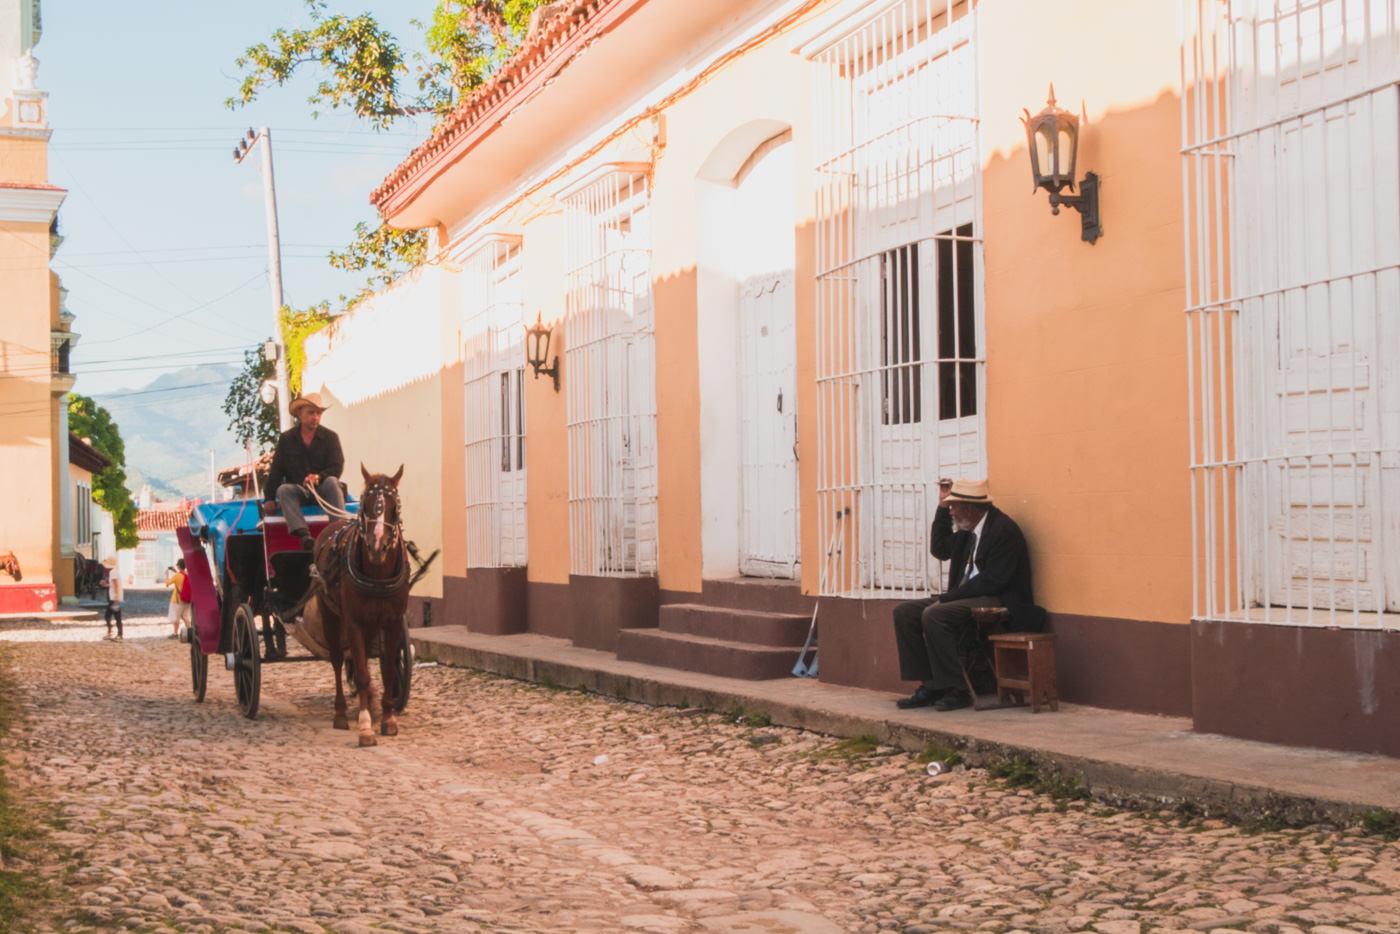 Eine Kutsche mit Pferd in den Straßen Trinidad's